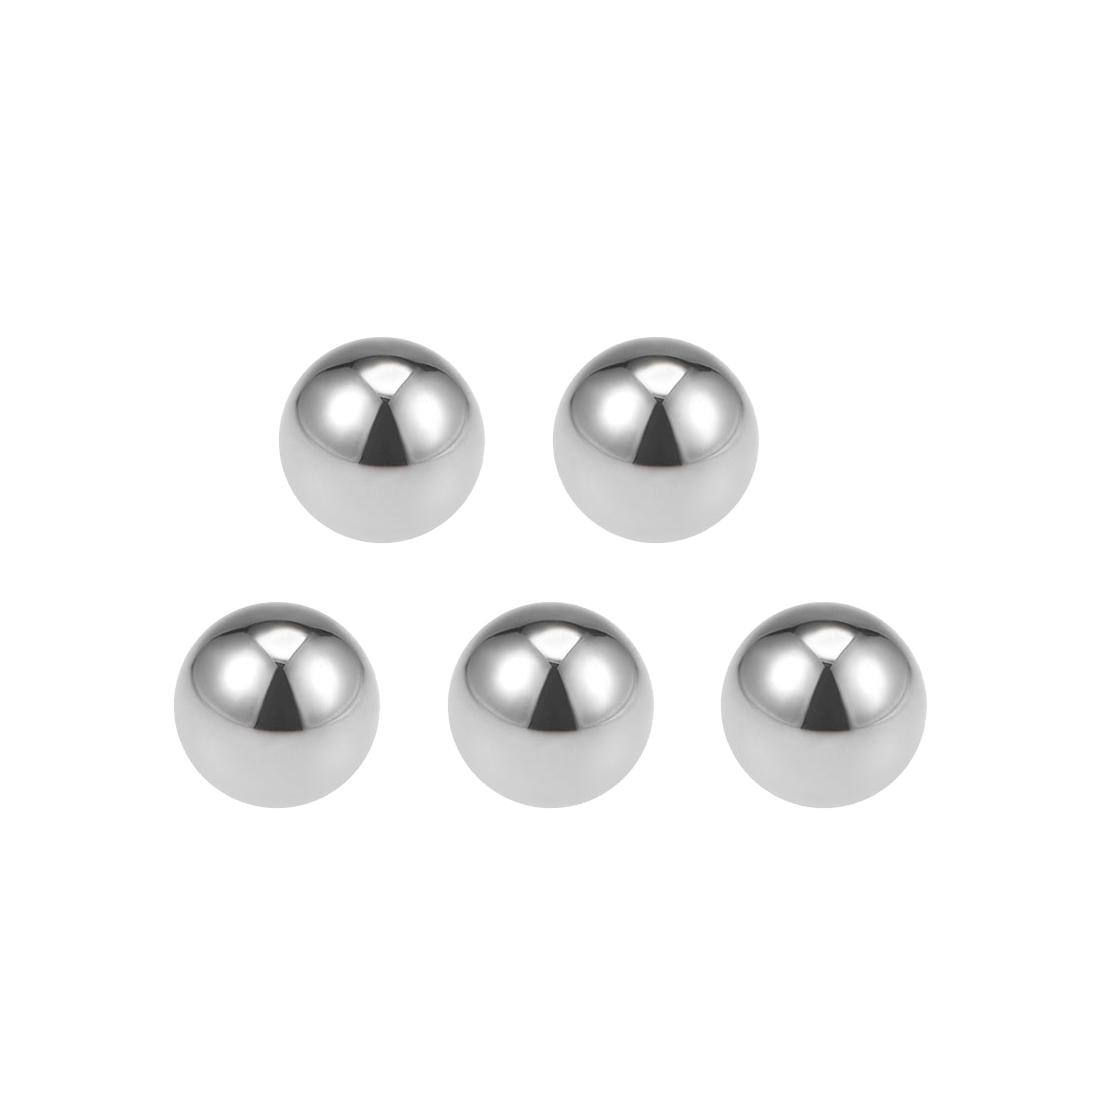 """5/32"""" Bearing Balls Tungsten Carbide G25 Precision Balls 10pcs"""